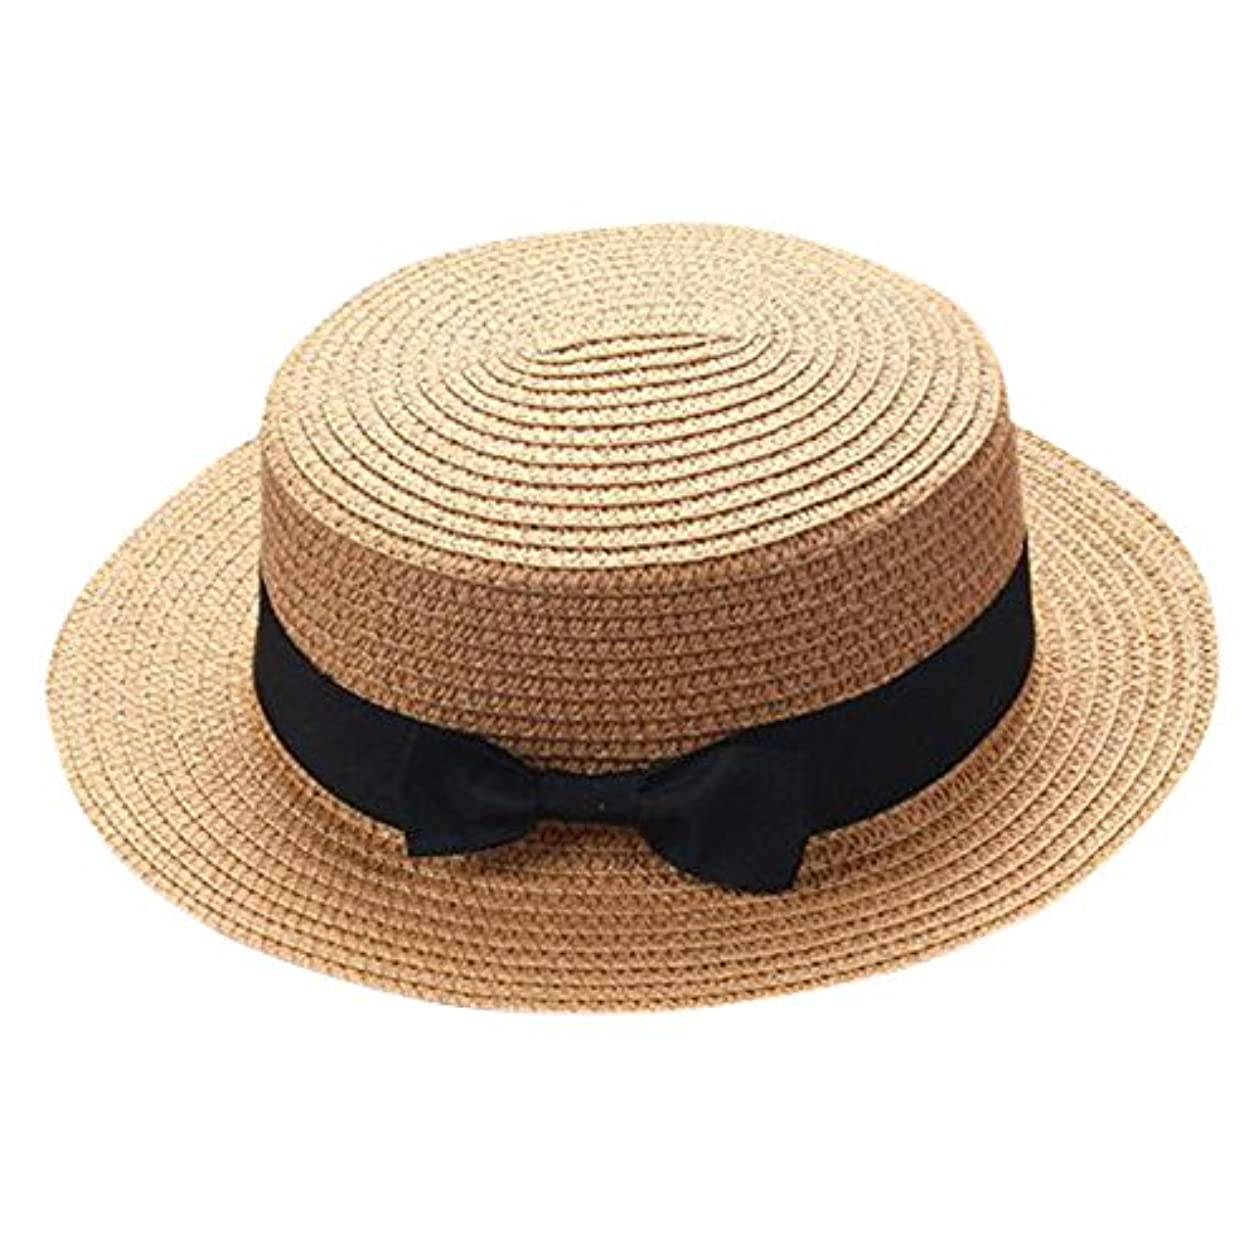 スキャン遅滞省略するキャップ キッズ 日よけ 帽子 小顔効果抜群 旅行用 日よけ 夏 ビーチ 海辺 かわいい リゾート 紫外線対策 男女兼用 日焼け防止 熱中症予防 取り外すあご紐 つば広 おしゃれ 可愛い 夏 ROSE ROMAN